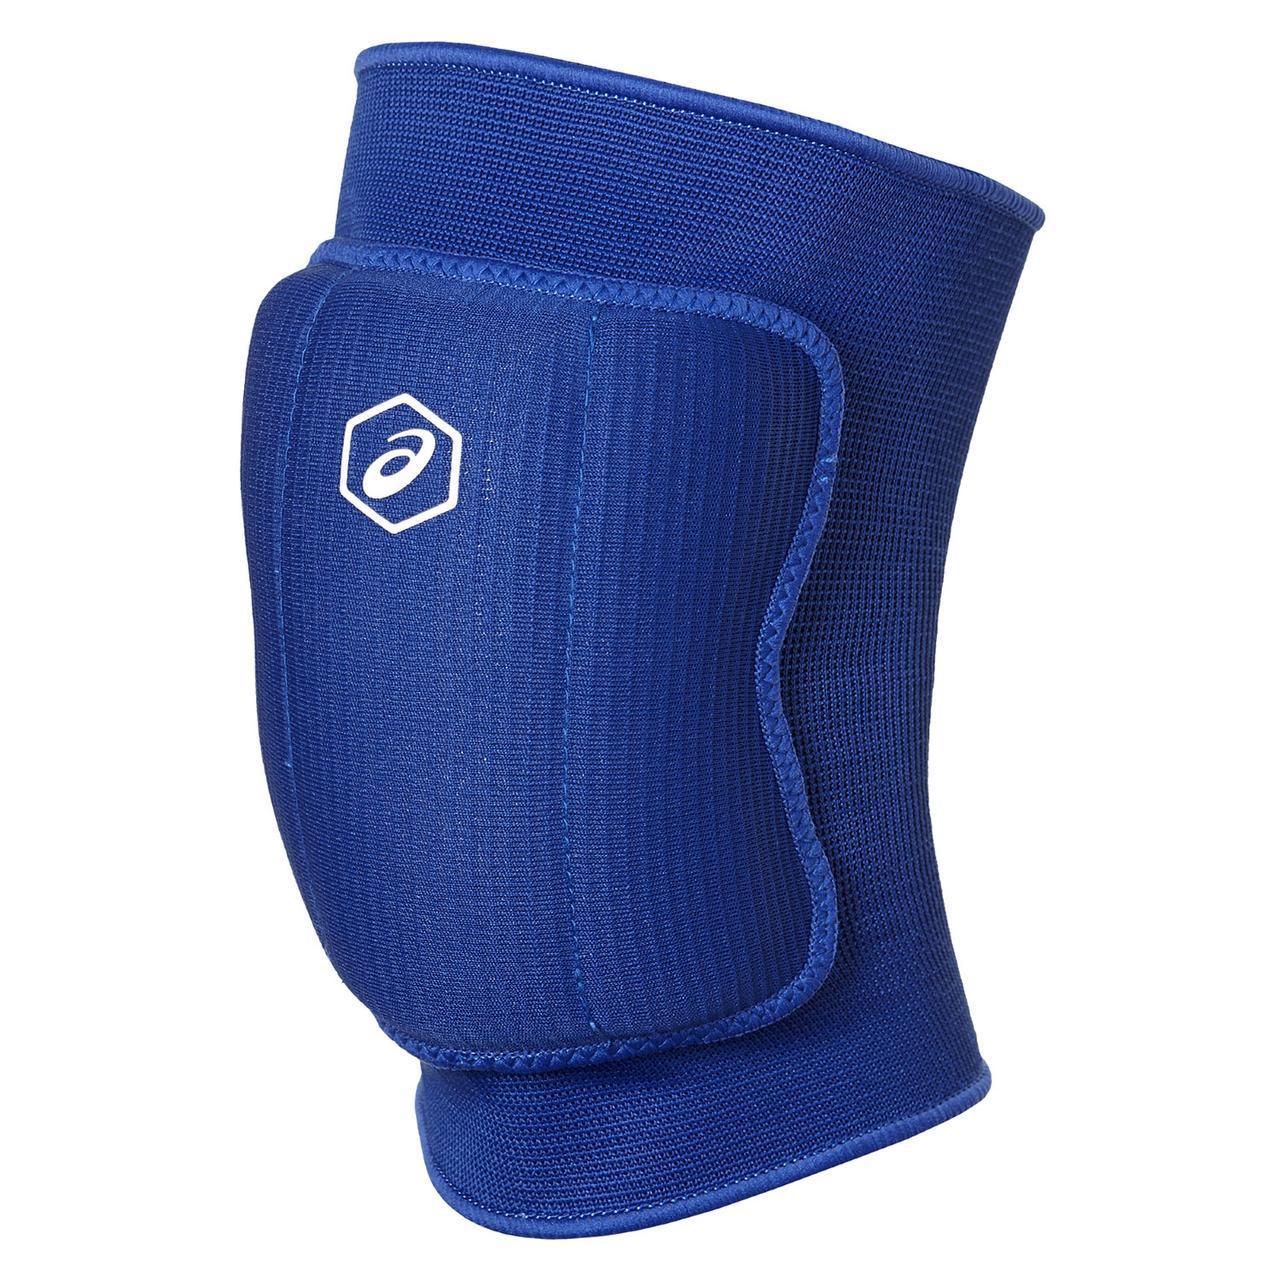 Наколенники волейбольние Asics Basic Kneepad 146814-0805 Синый Размер M (8718837132468)